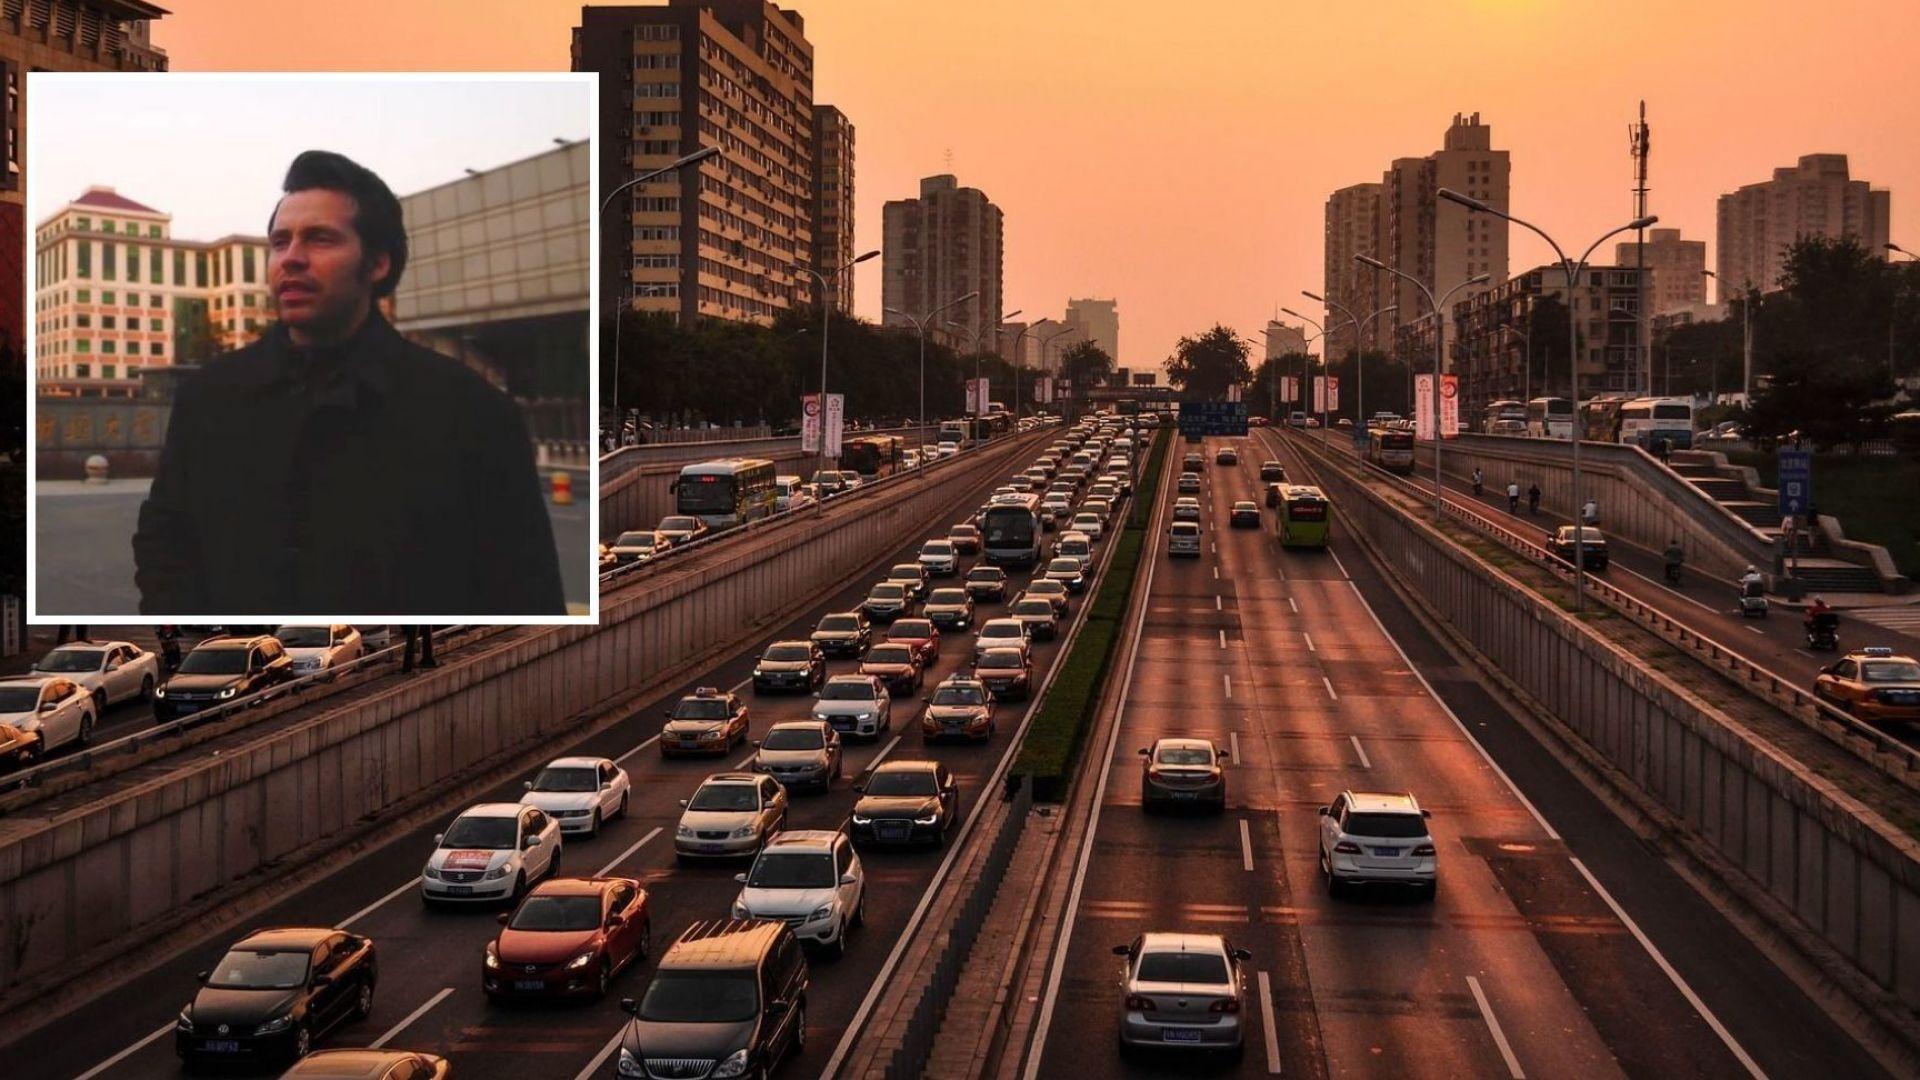 Българин падна от мост в Пекин, но застраховката не покрива животоспасяващата операция